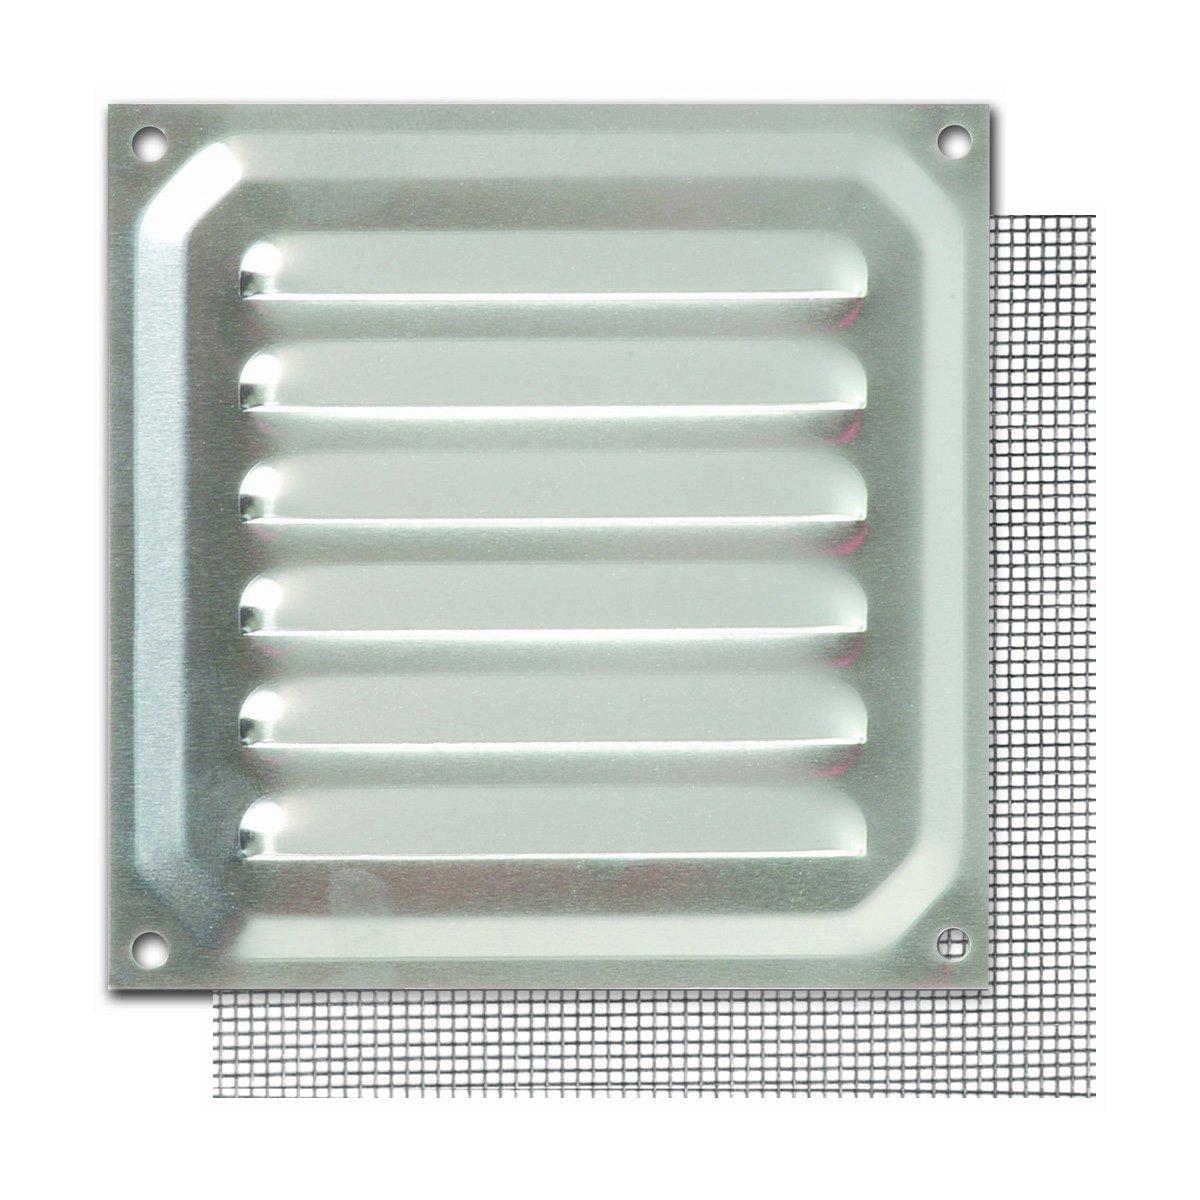 10 x 10 cm Brinox B73000D Rejilla con mosquitera Lacado Blanco